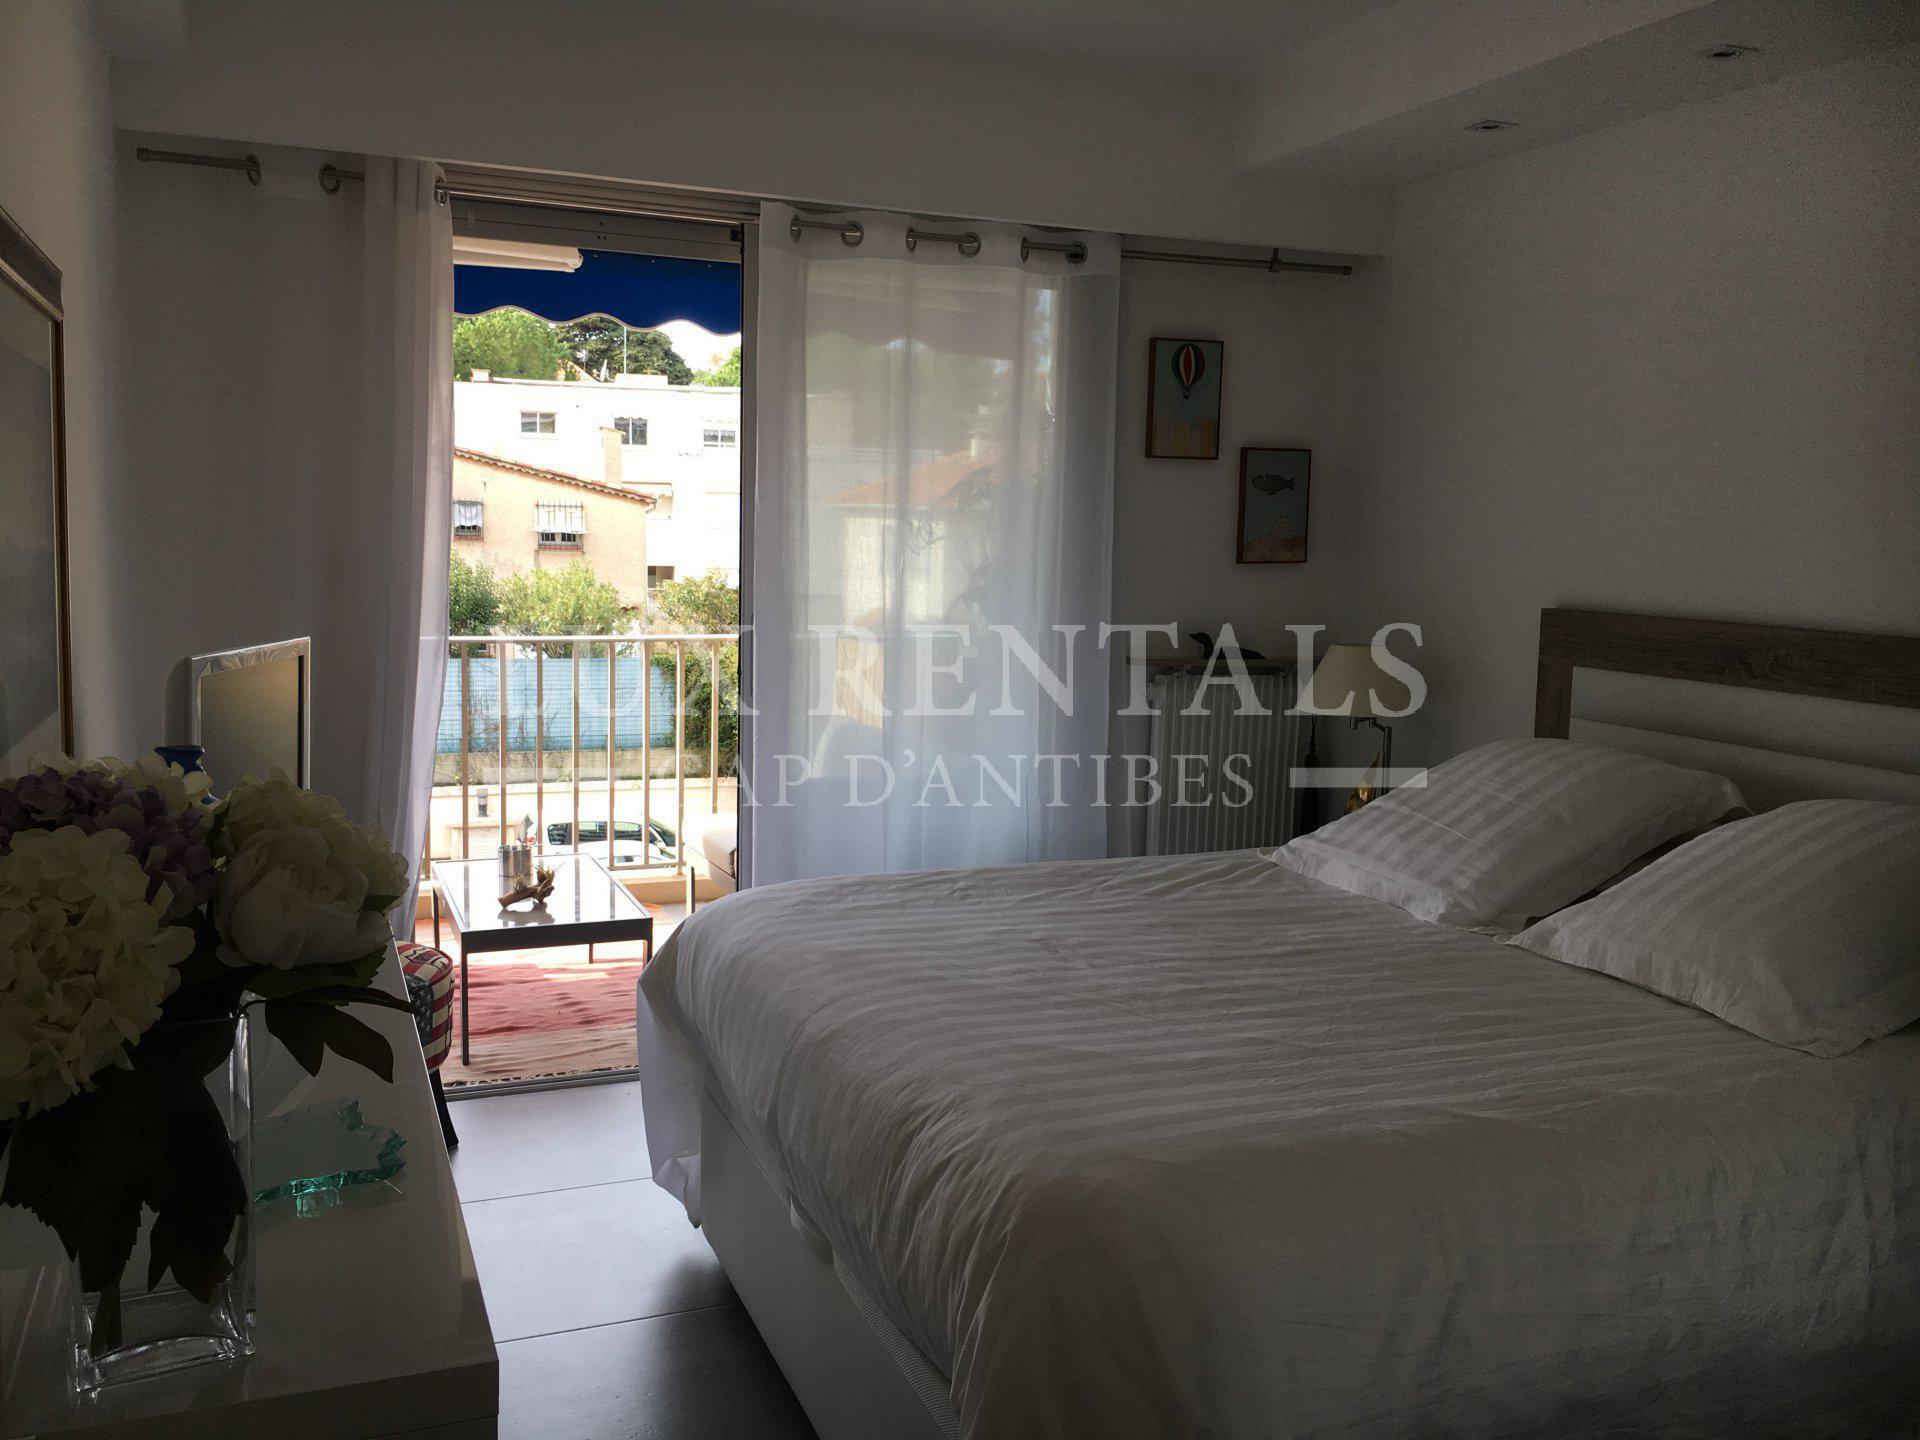 Location saisonnière Appartement - Antibes